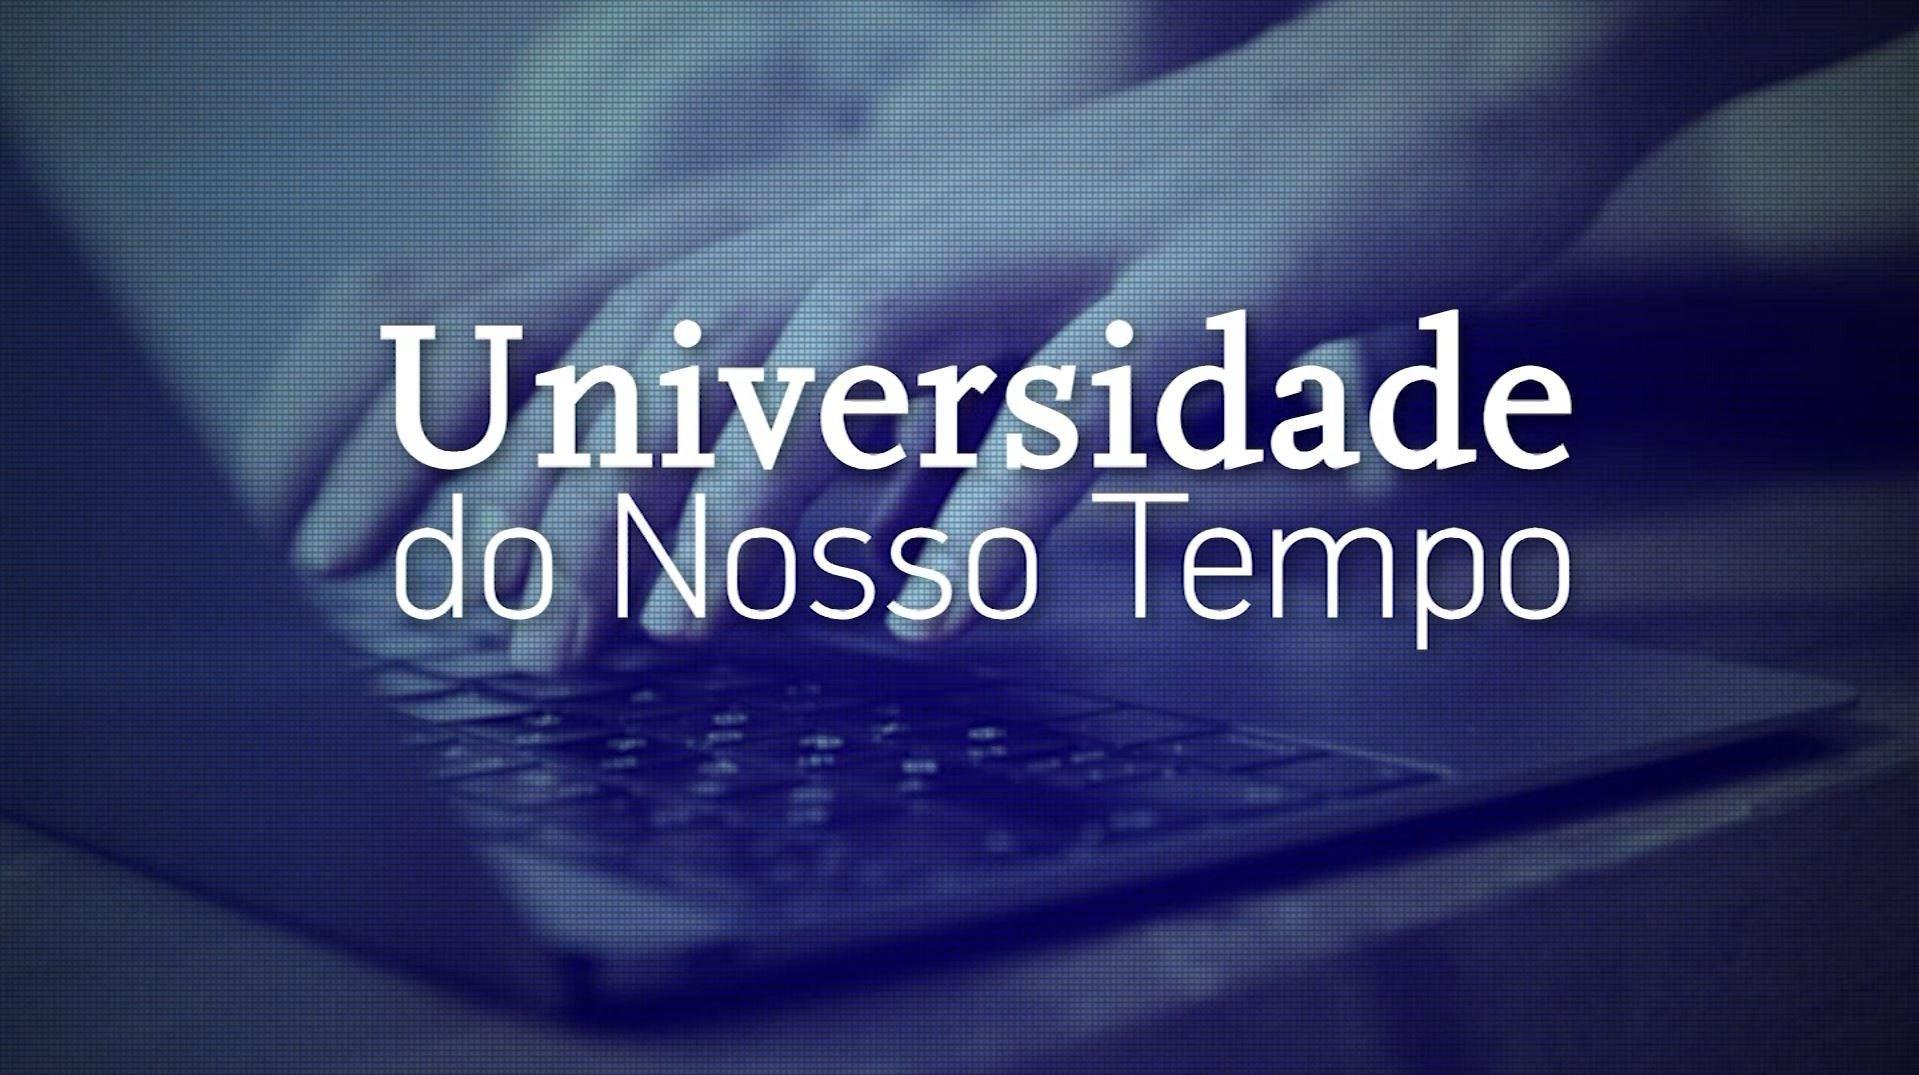 Universidade do Nosso Tempo